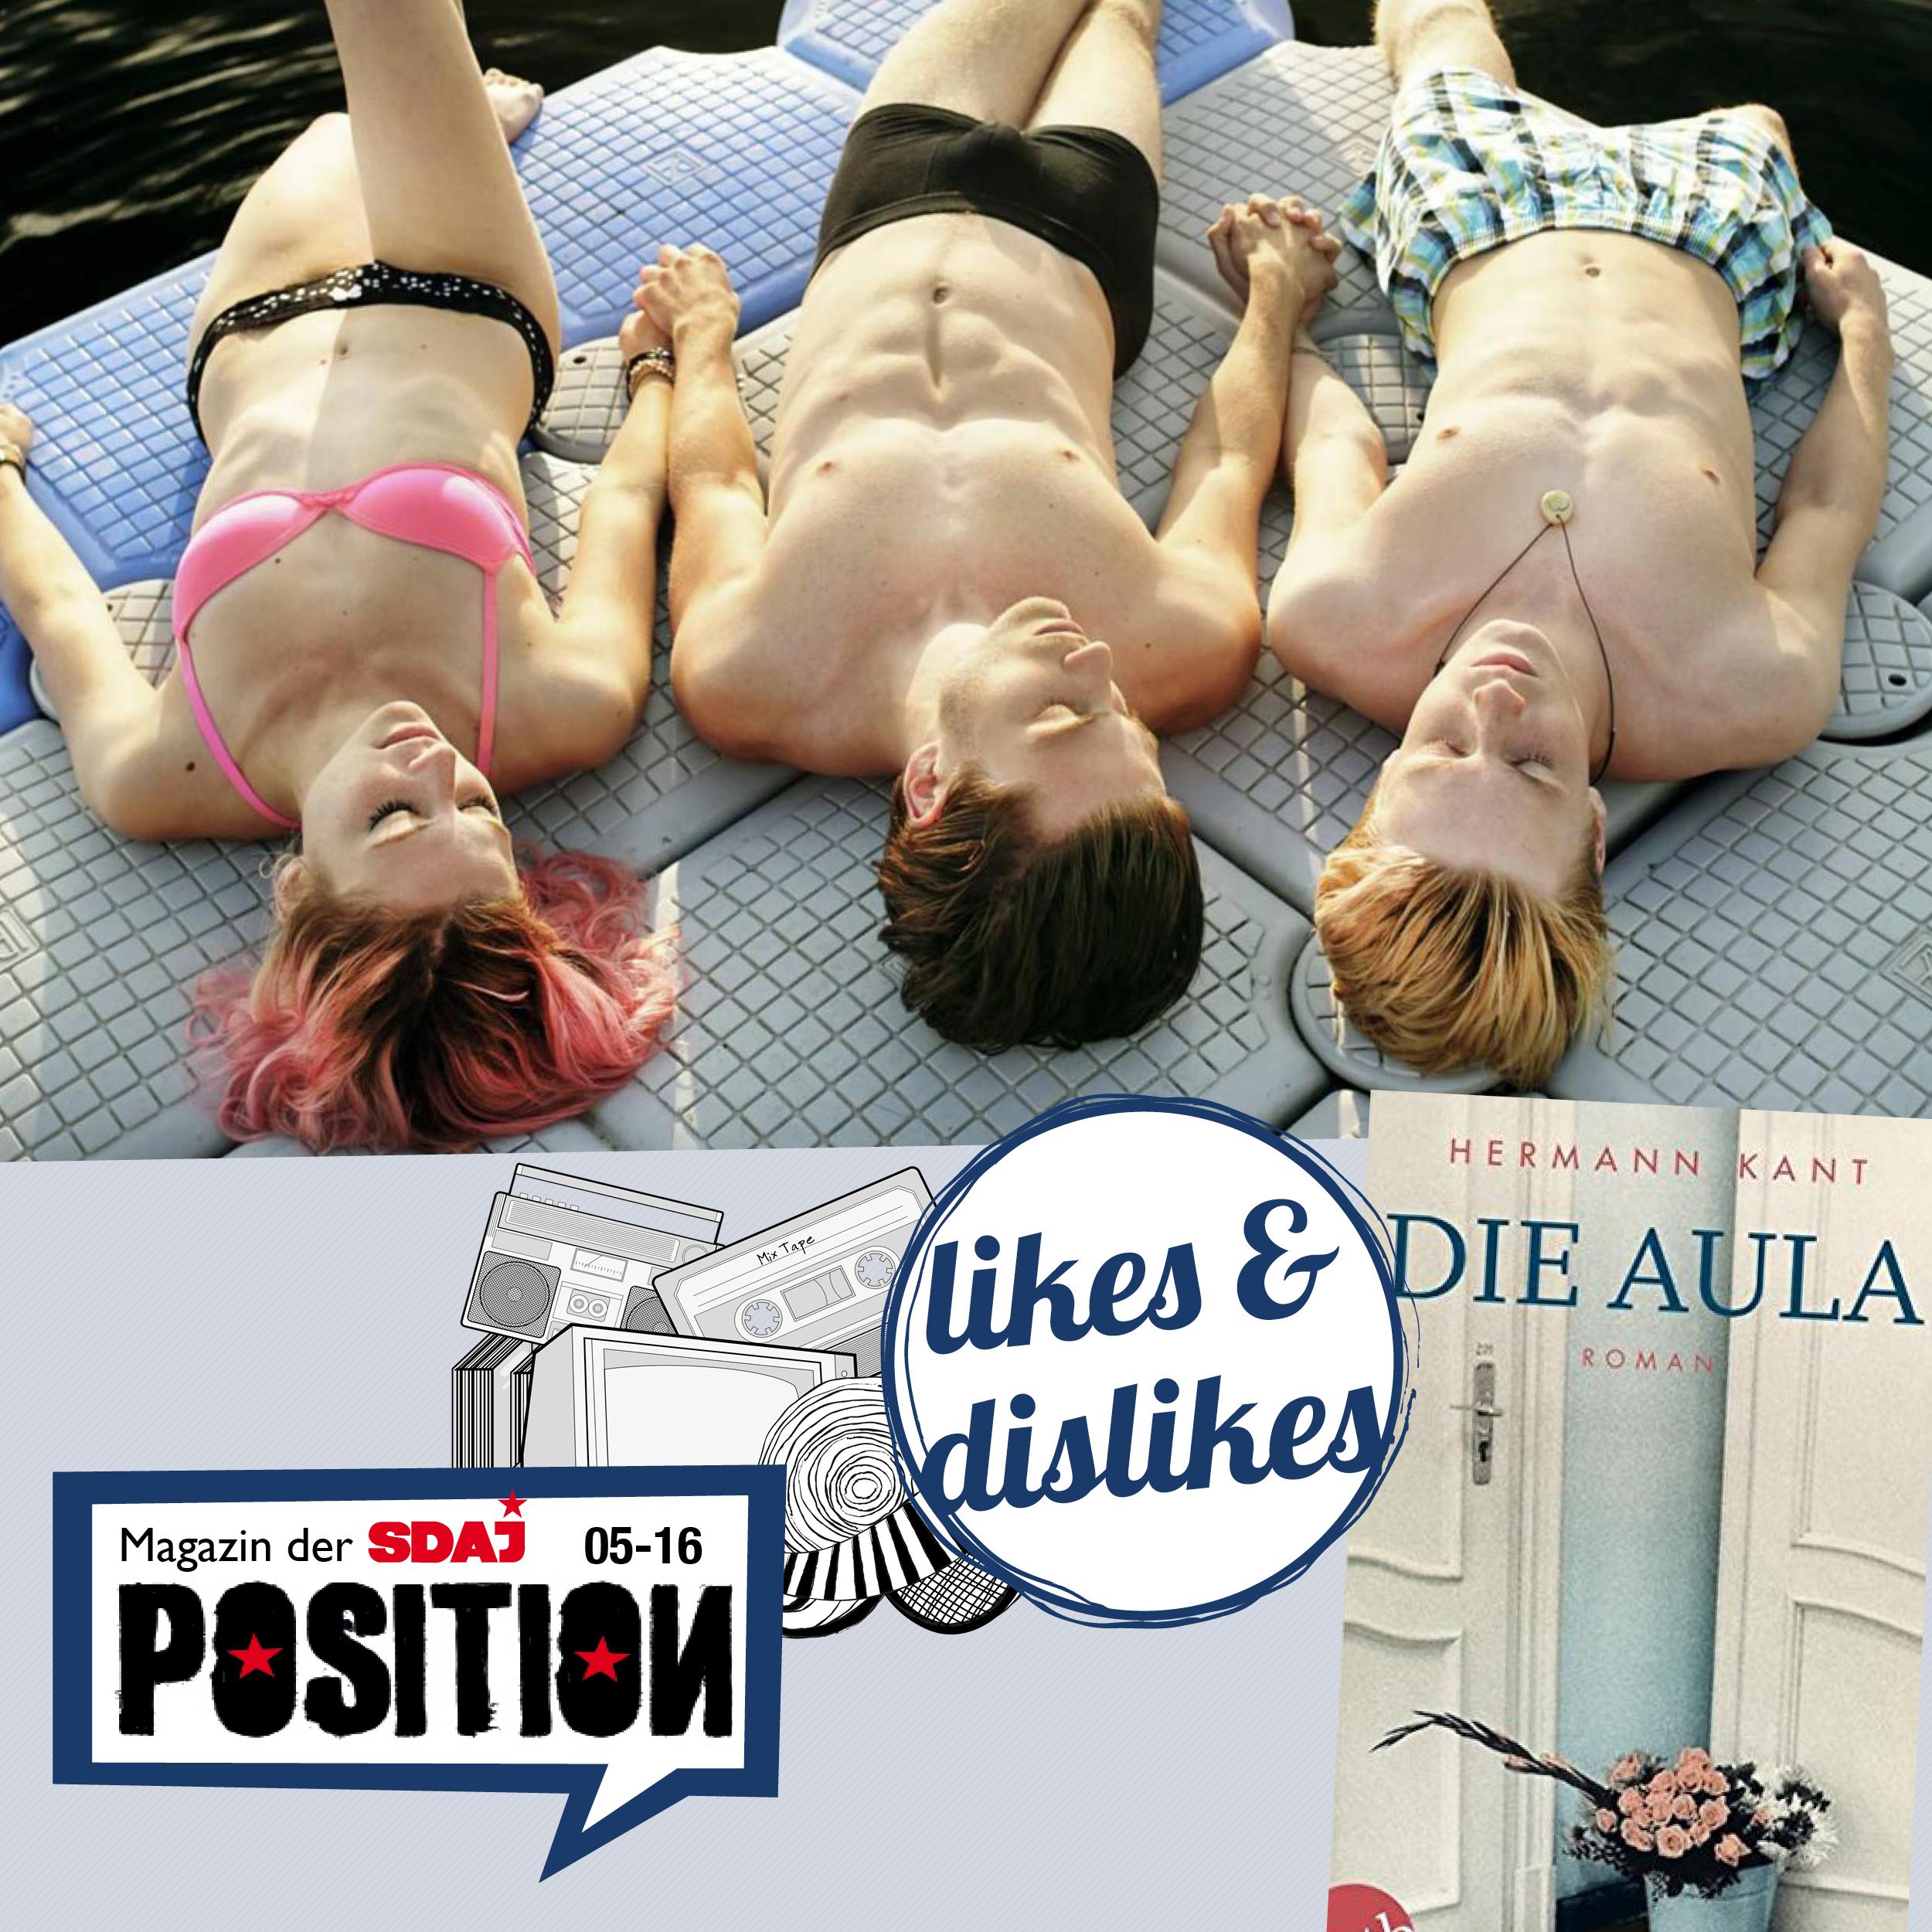 Likes und Dislikes aus der POSITION #5/16